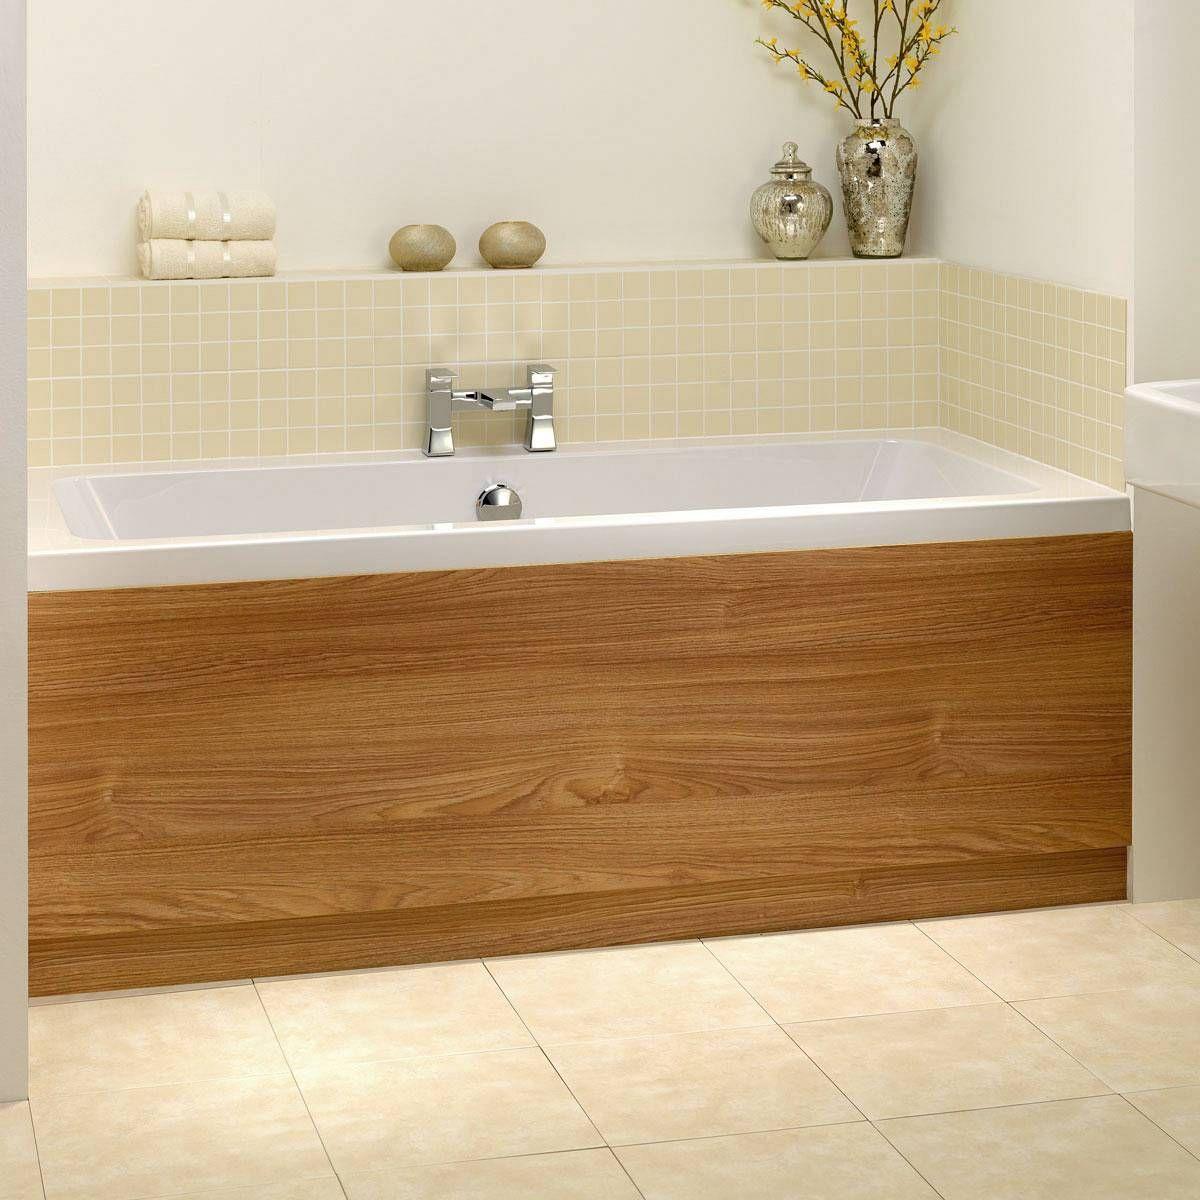 l\'habillage d\'une baignoire est indispensable pour personnaliser ...